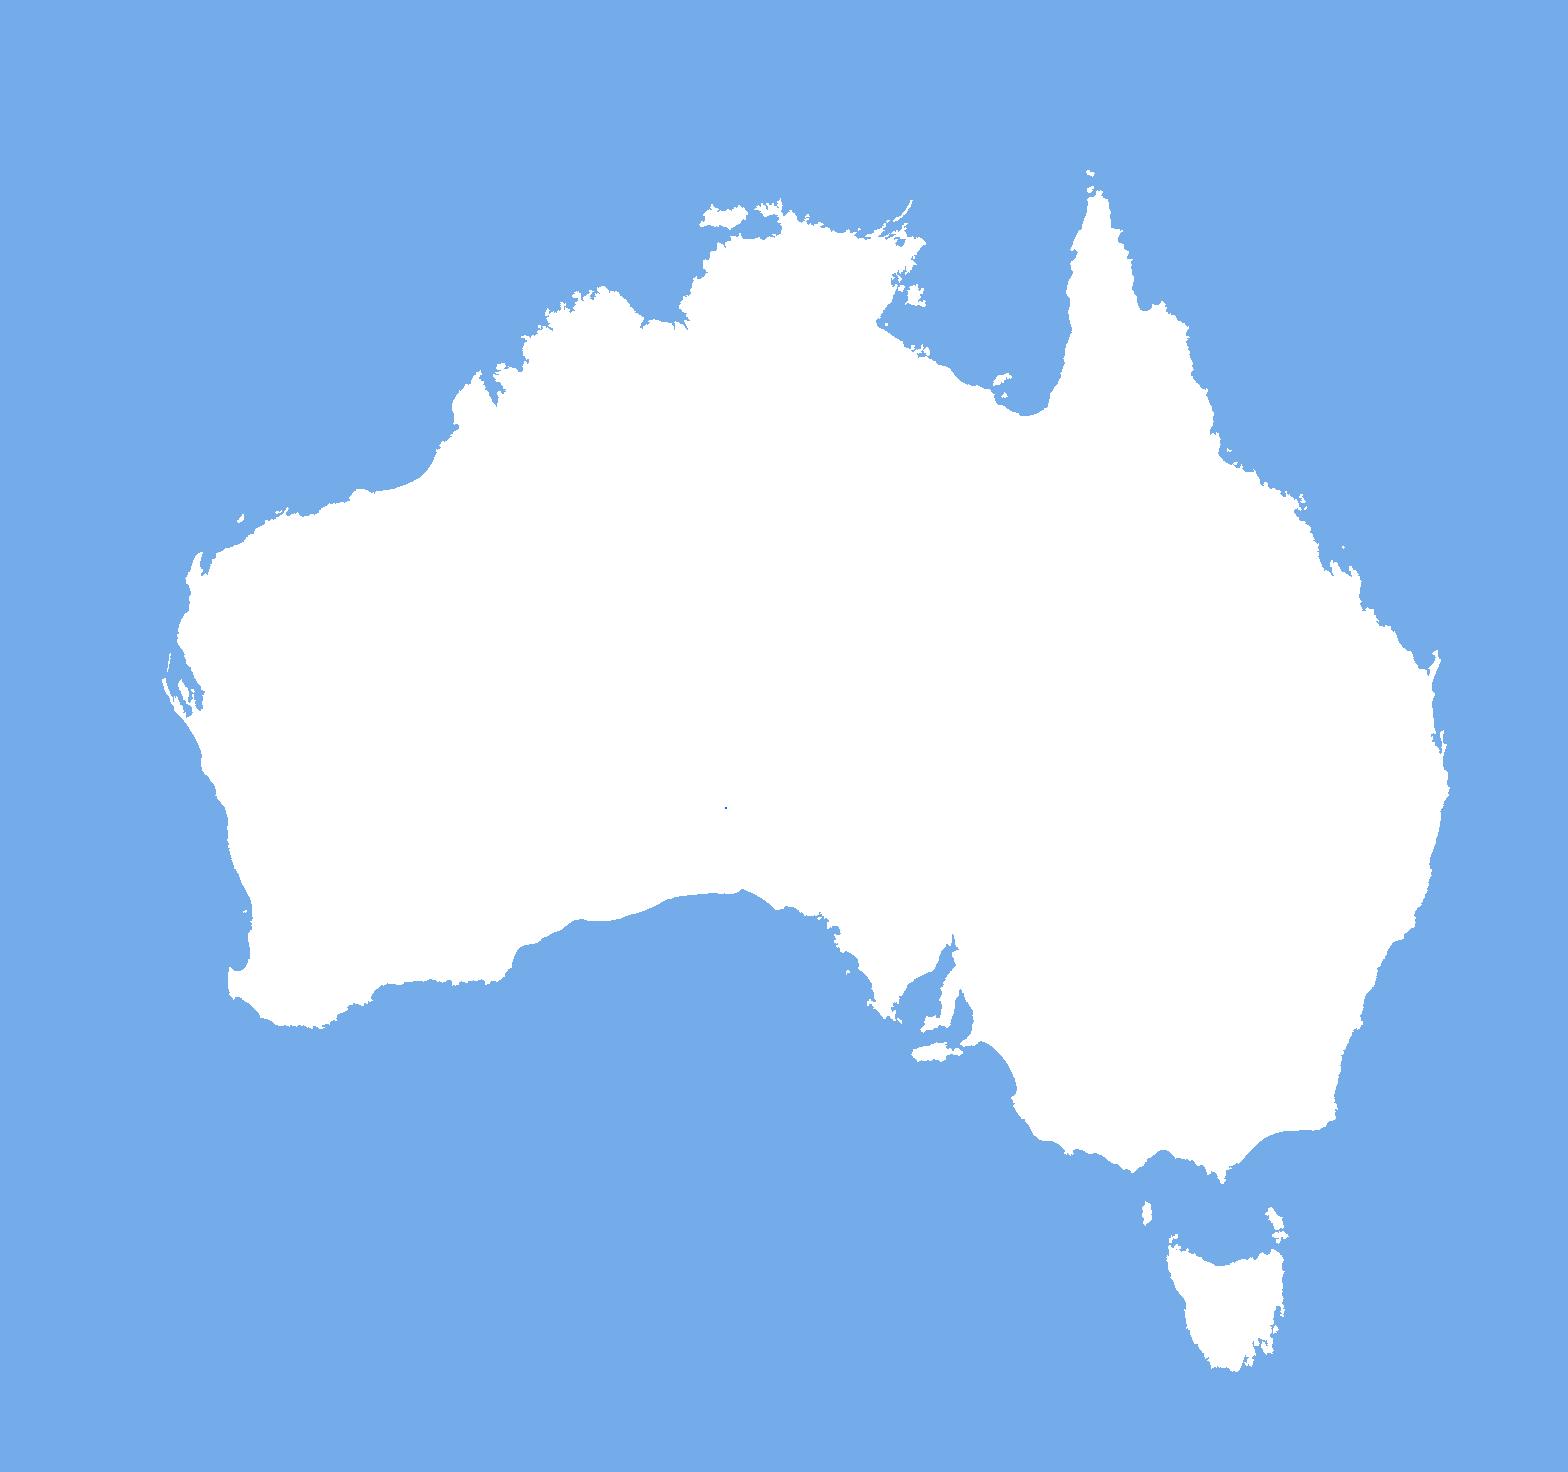 100 dating sites in australia